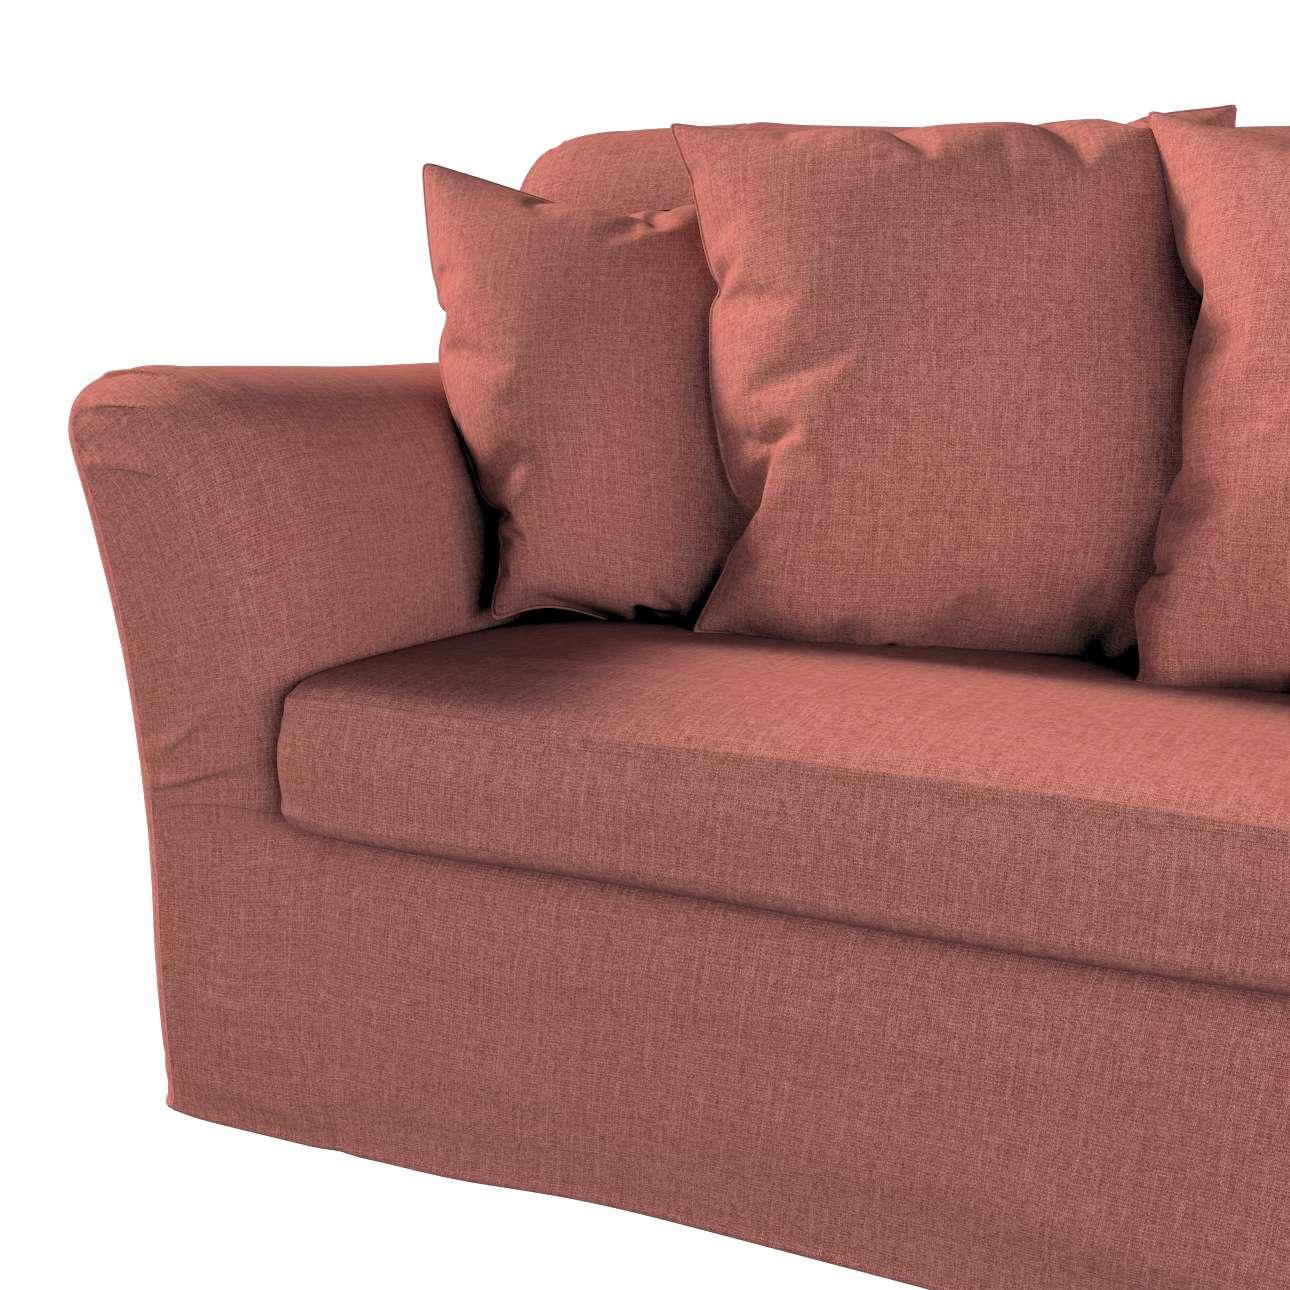 Pokrowiec na sofę Tomelilla 3-osobową rozkładaną w kolekcji City, tkanina: 704-84